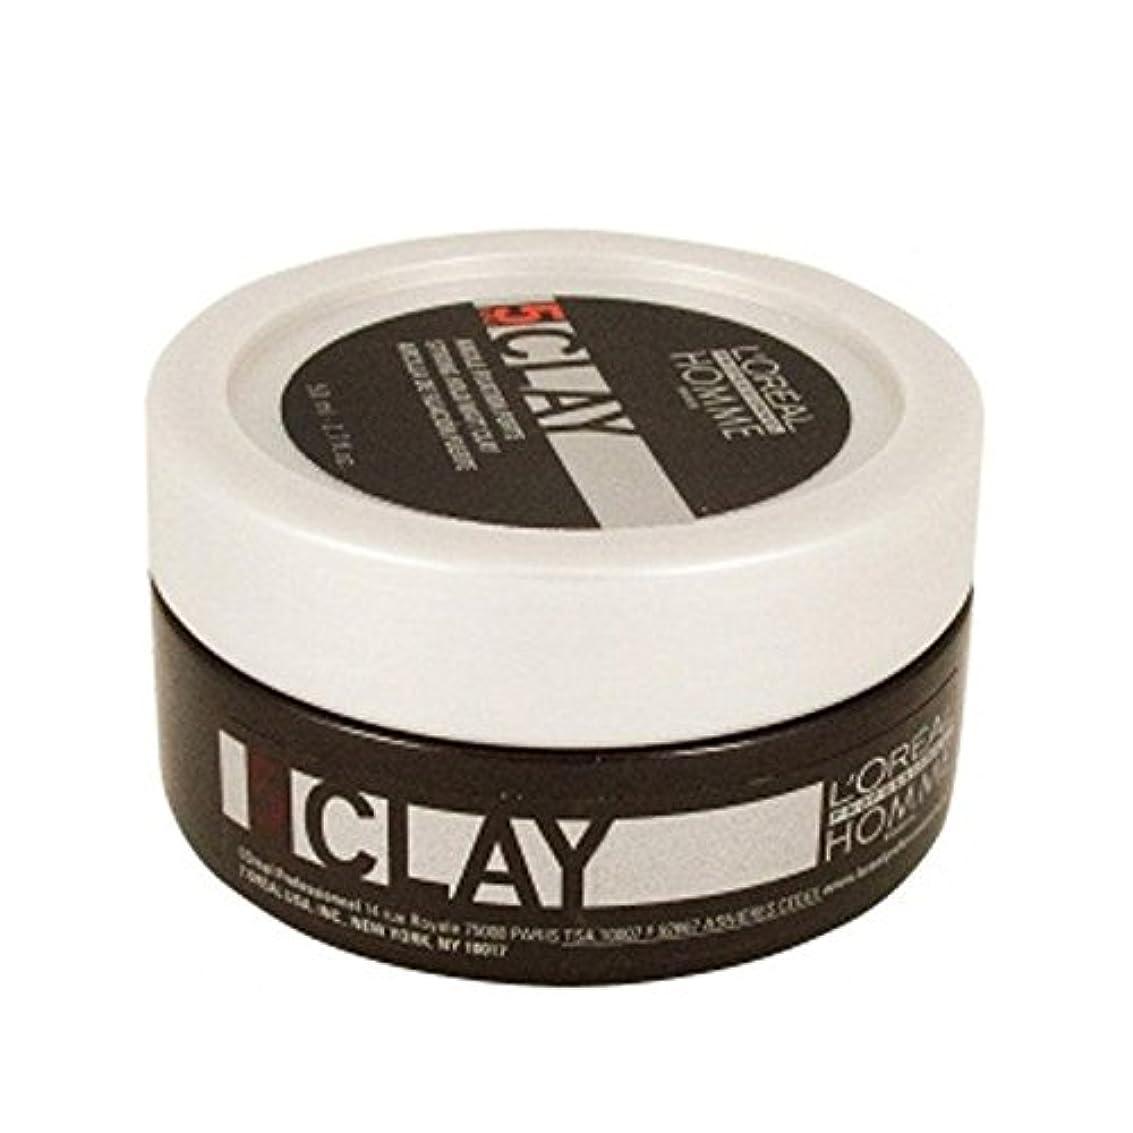 考える喪有害なロレアルプロフェッショナルのオム粘土 - 強力なホールド粘土(50ミリリットル) x2 - L'Or?al Professionnel Homme Clay ? Strong Hold Clay (50ml) (Pack...